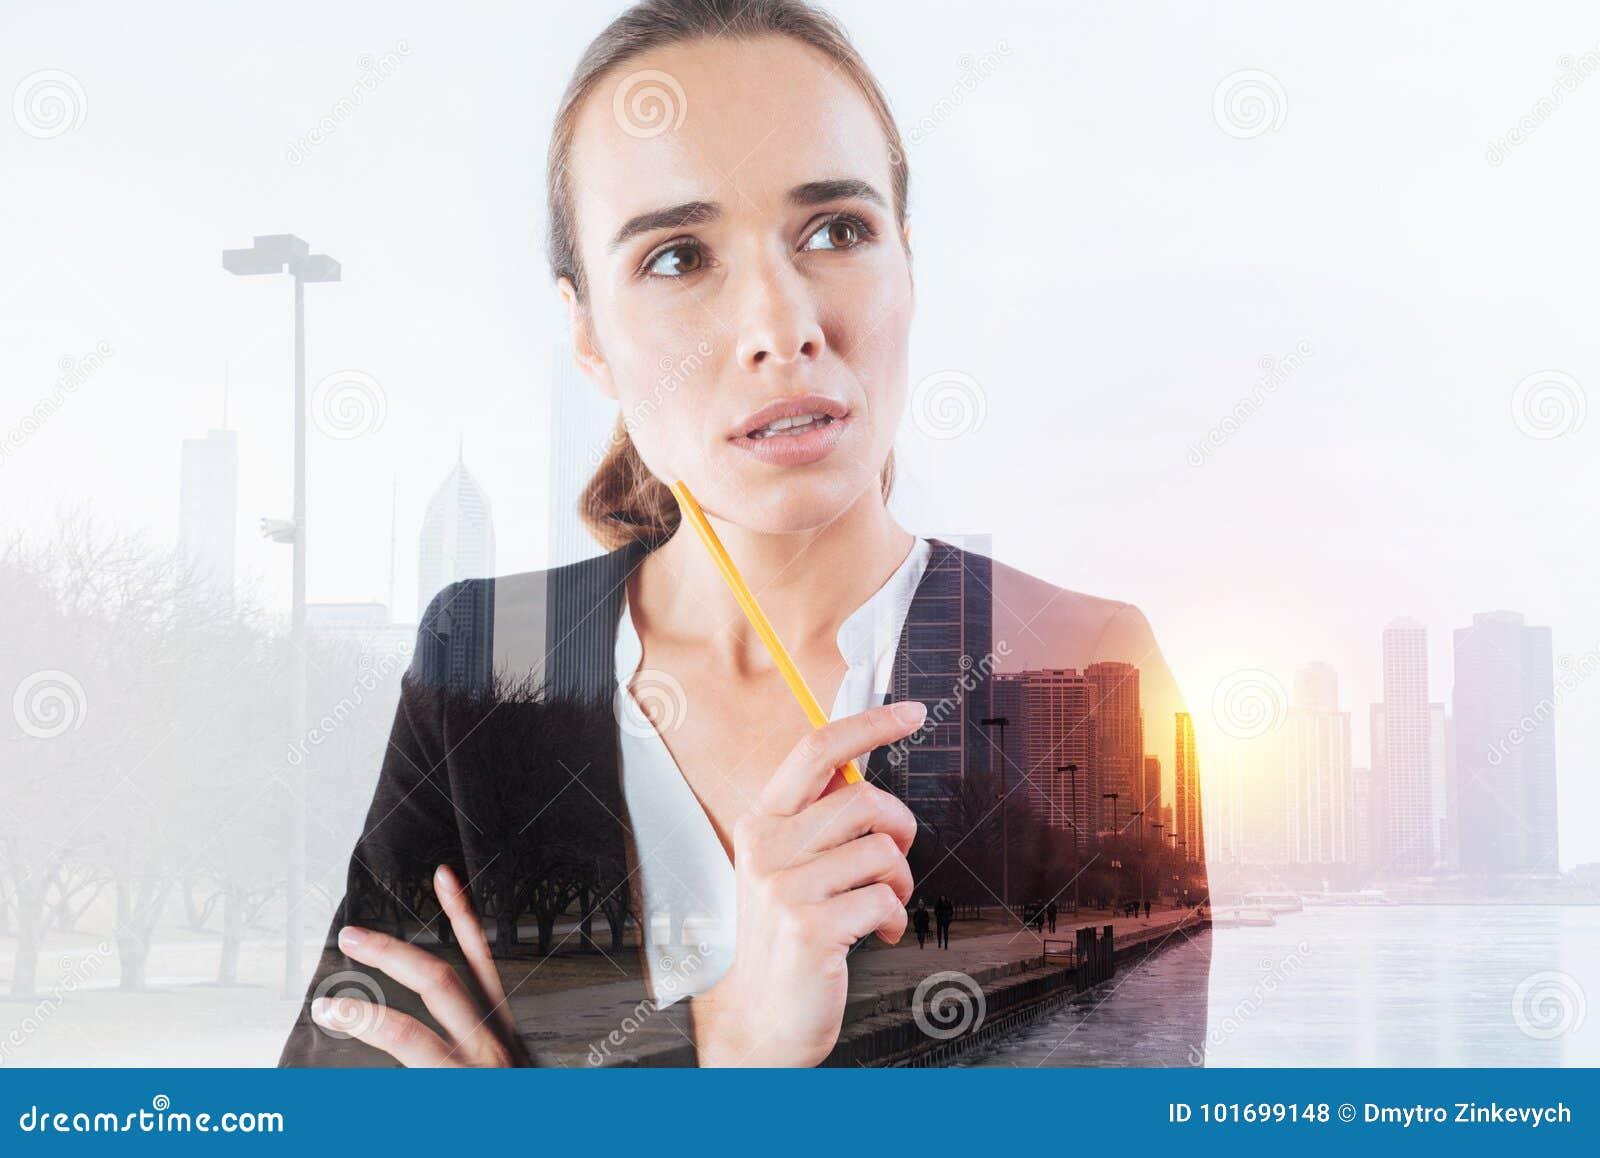 Młody odpowiedzialny pracownik patrzeje rozważny